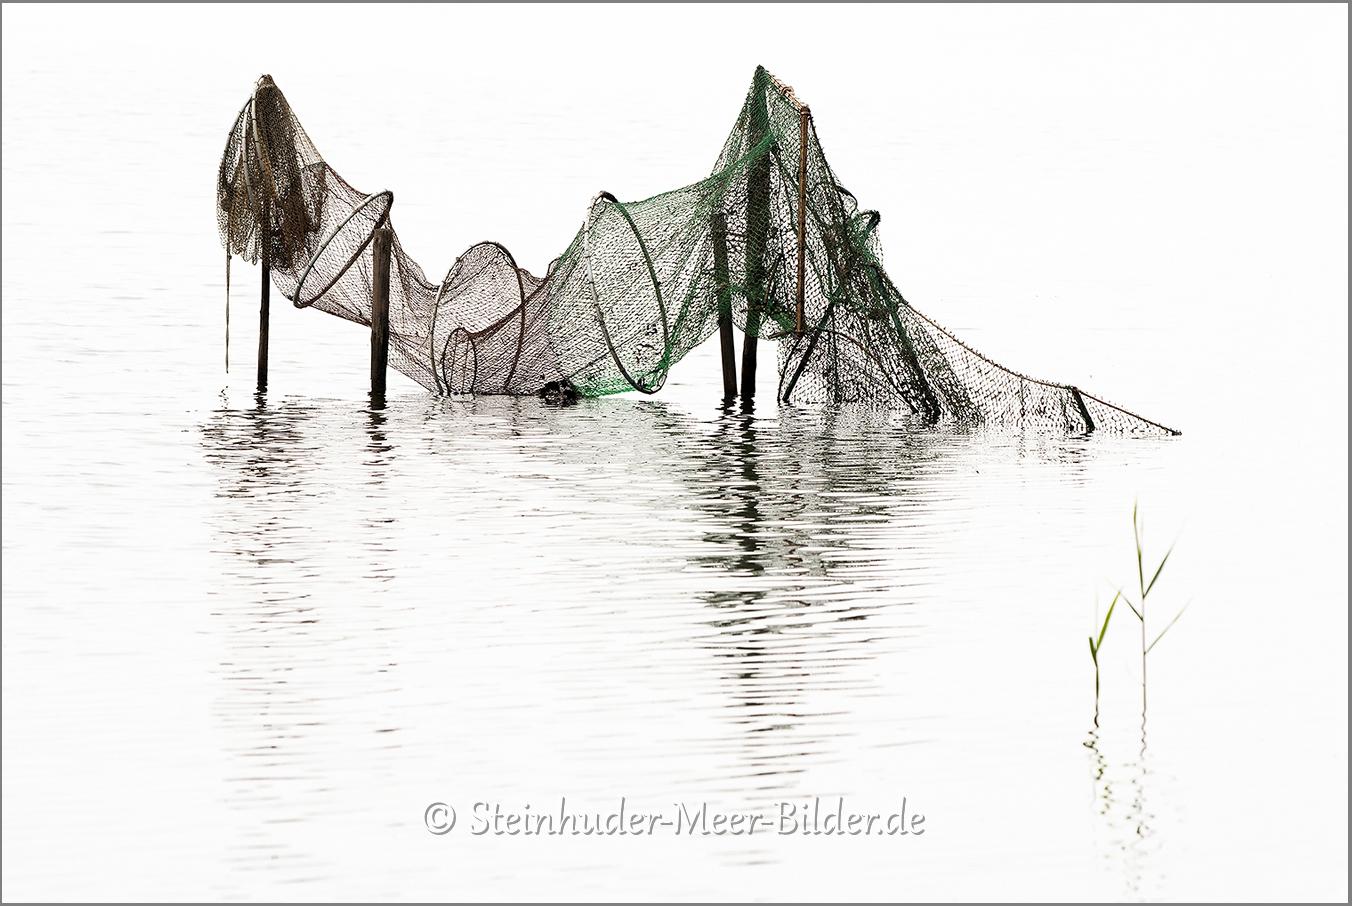 Nebel-Morgennebel-Reuse-Fischreuse-Morgenstimmung-Morgenlicht-Steinhuder Meer-A_NIK500_0924